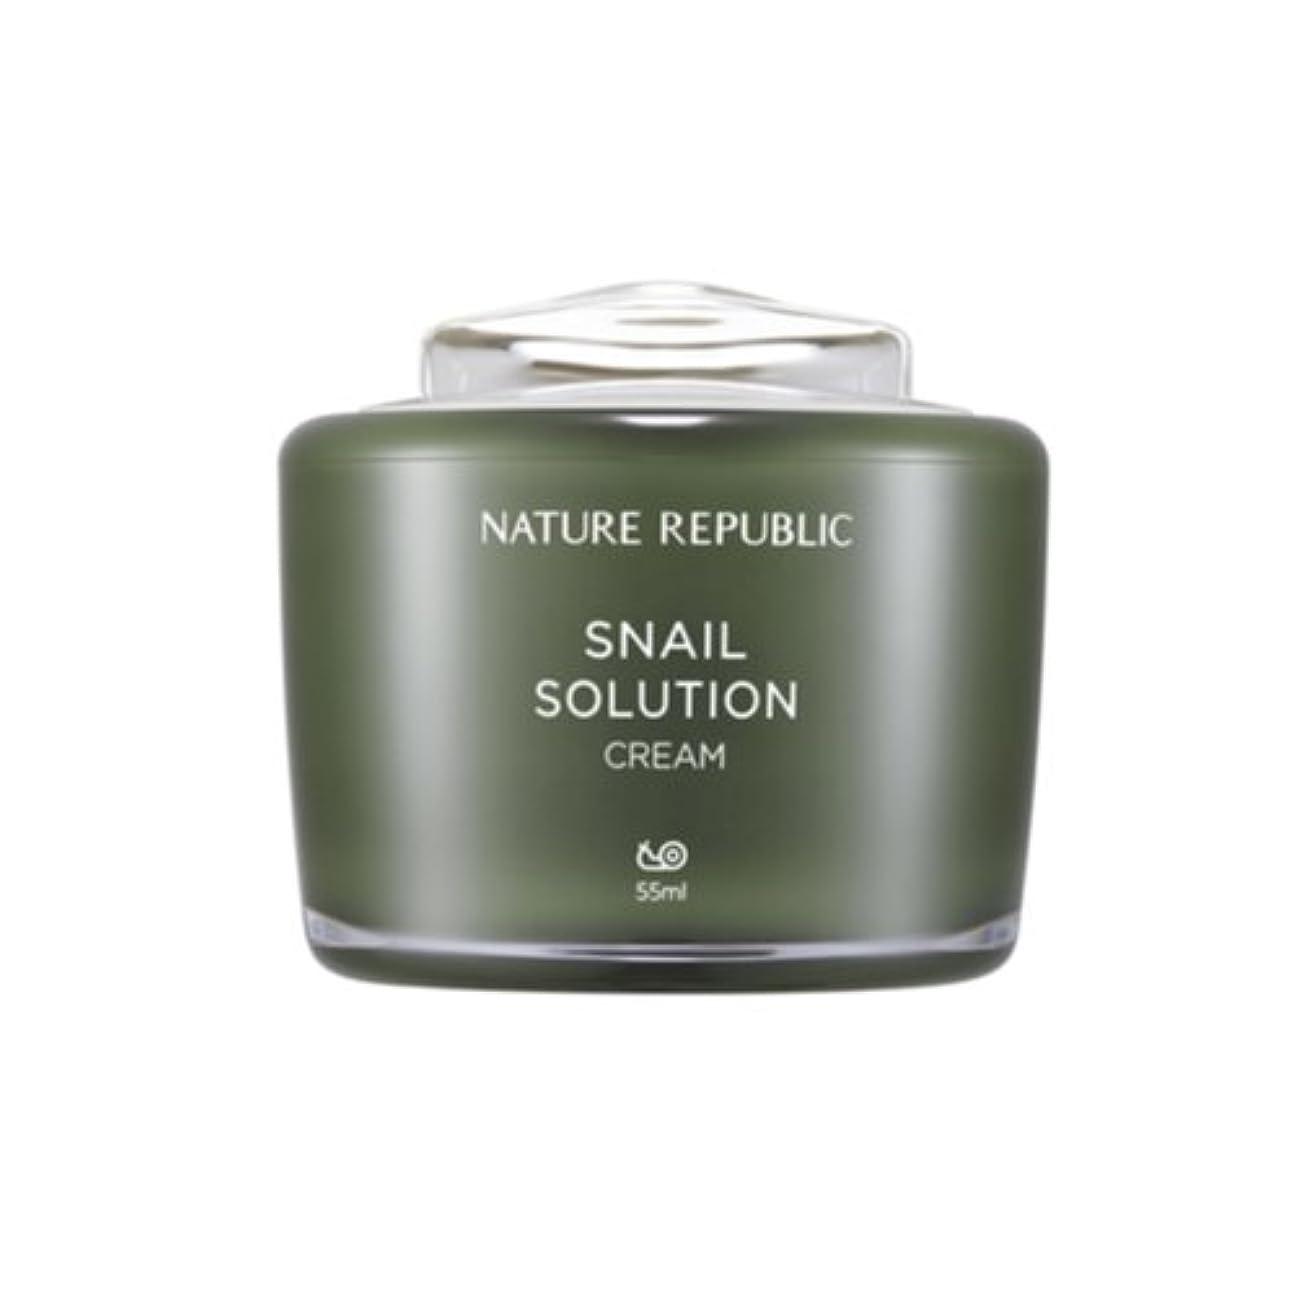 孤独な生む役員[ネイチャーリパブリック] Nature republicスネイルソリューションクリーム海外直送品(Snail Solution Cream) [並行輸入品]